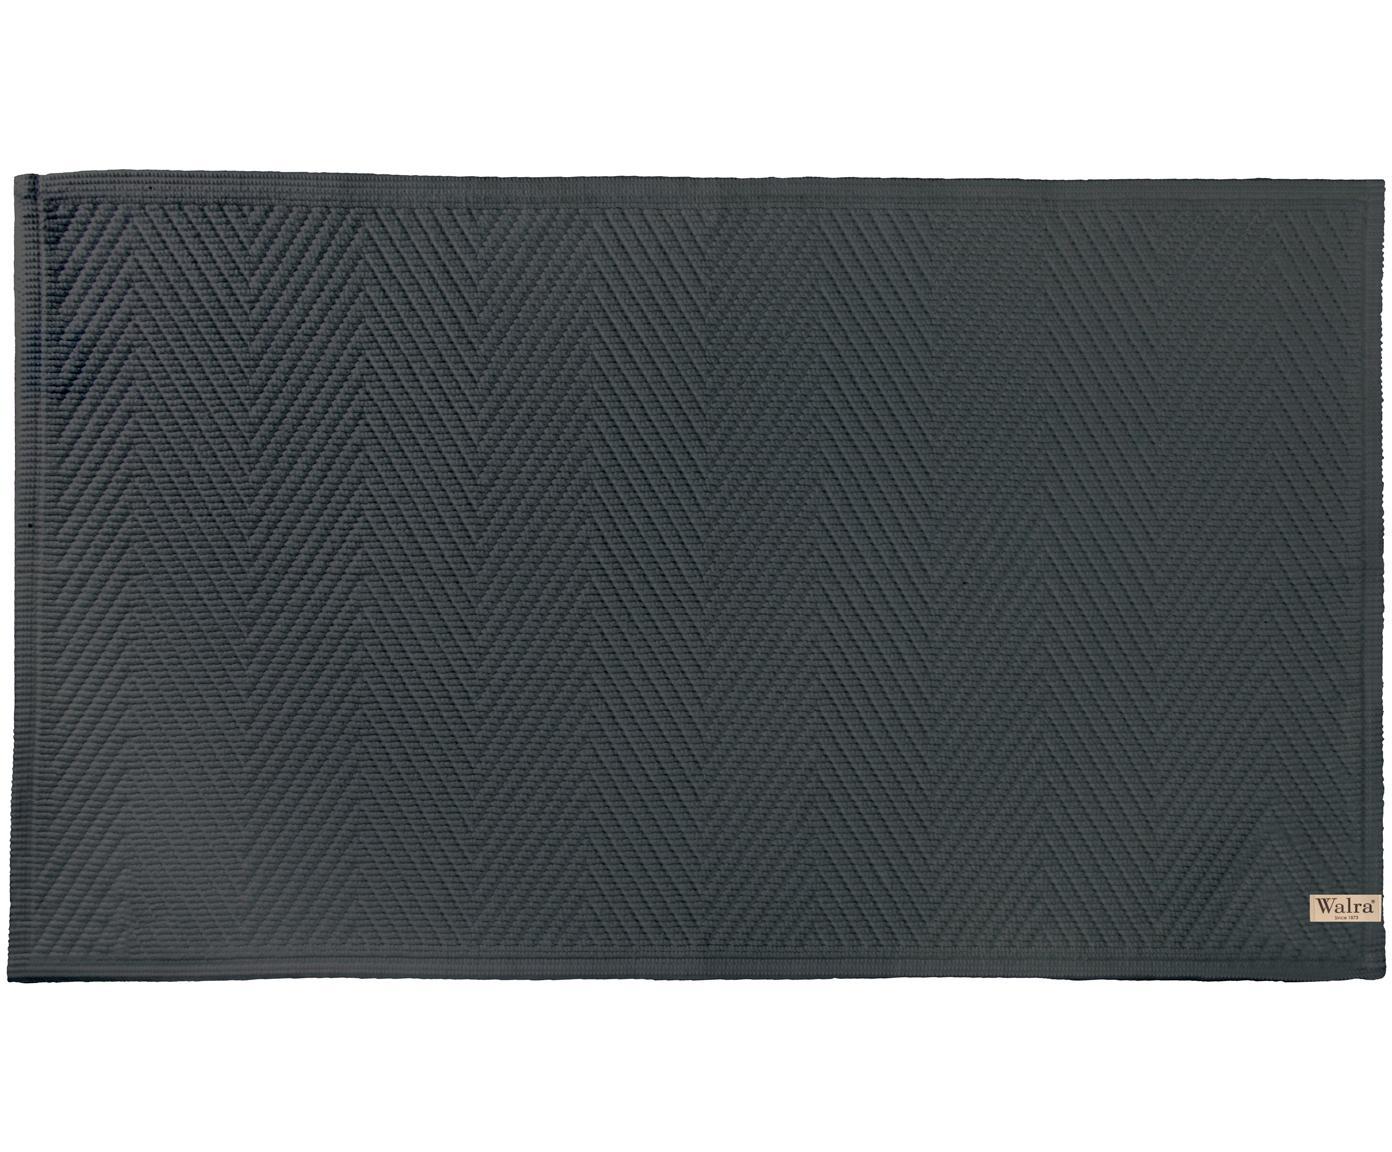 Dywanik łazienkowy Soft Cotton, Bawełna, Antracytowy, S 60 x D 100 cm